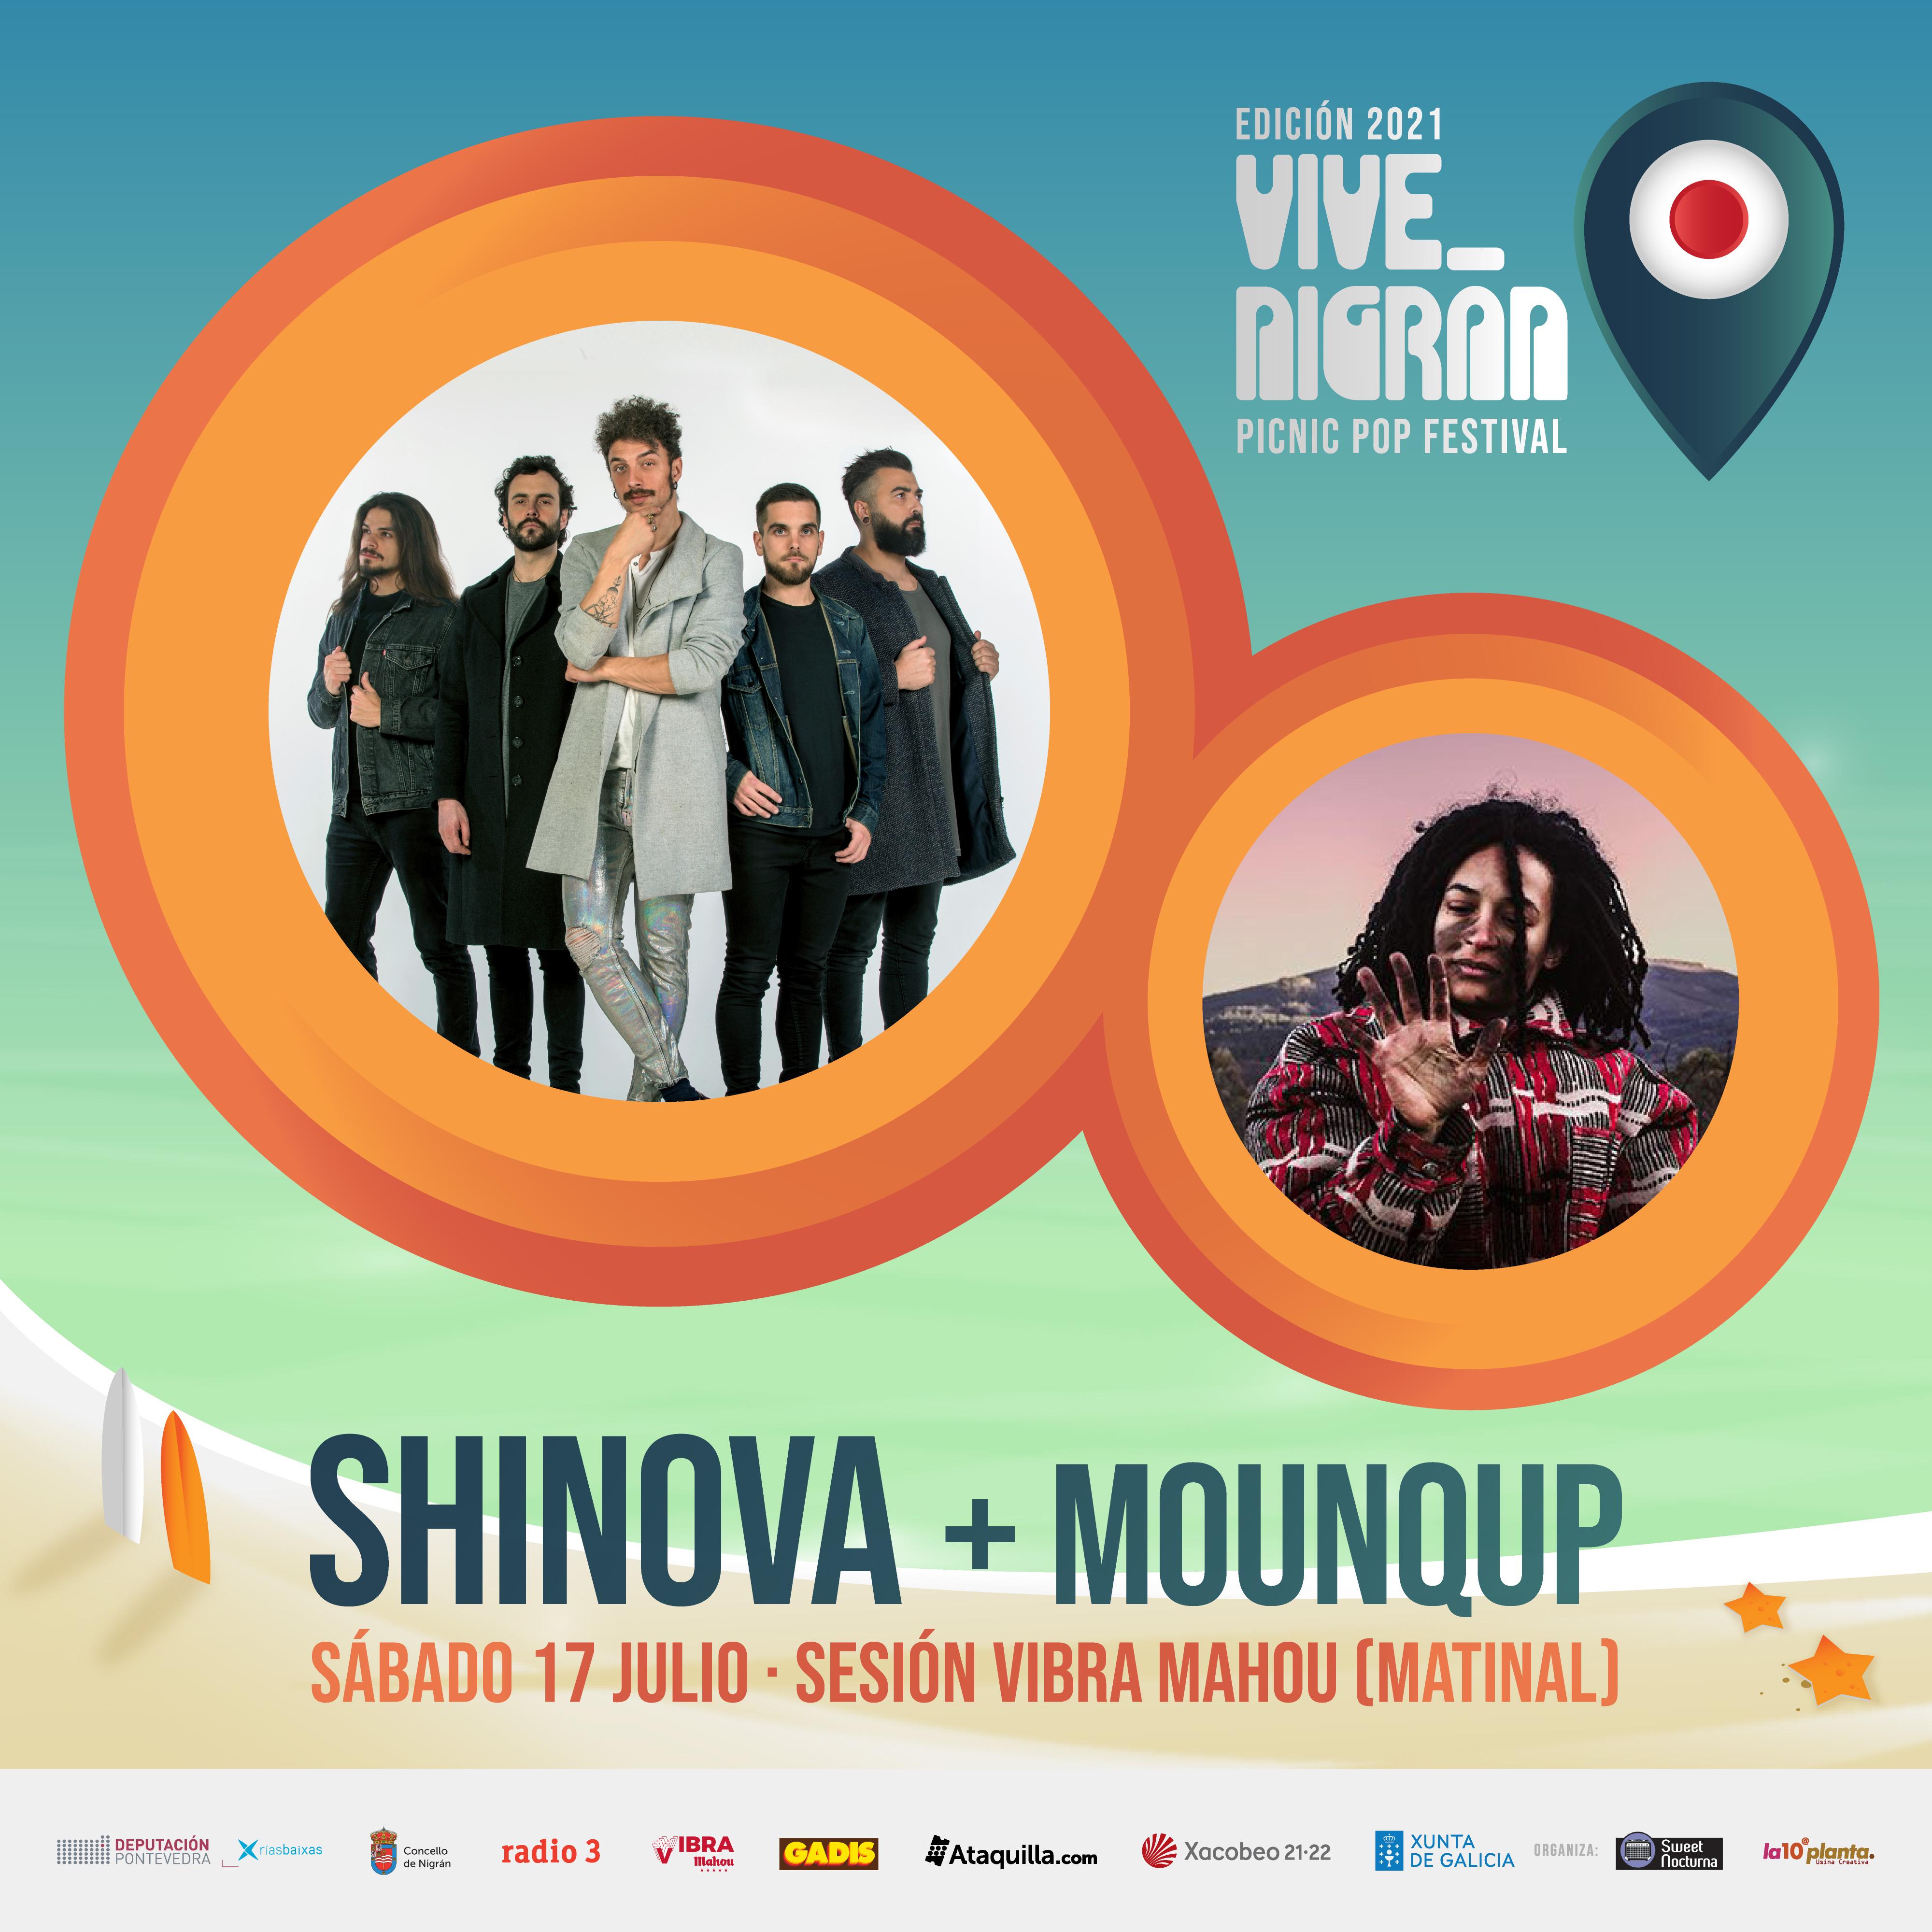 SHINOVA + MOUNQUP